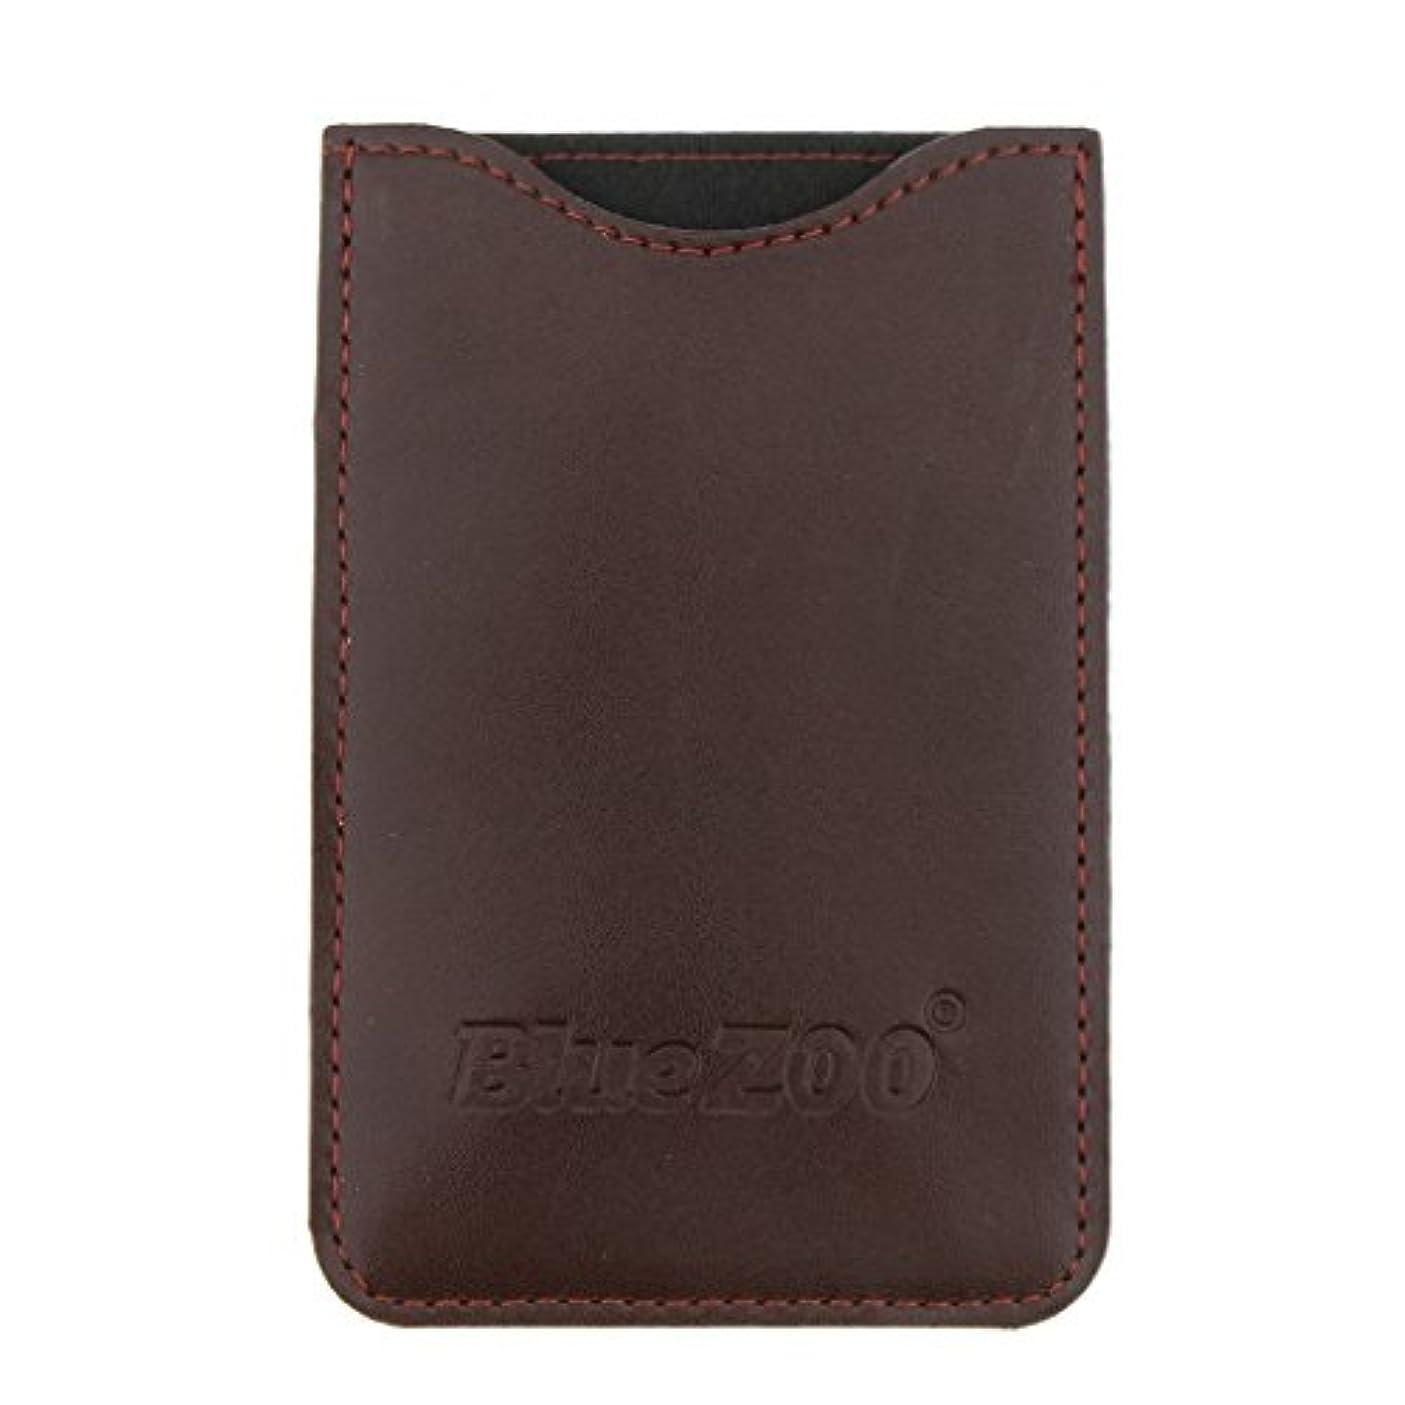 正統派スーダン学期Kesoto コームバッグ 収納ケース 収納パック 保護カバー PUレザー 櫛/ヘアブラシ/名刺/IDカード/銀行カード バッグ オーガナイザー 全2色  - 褐色